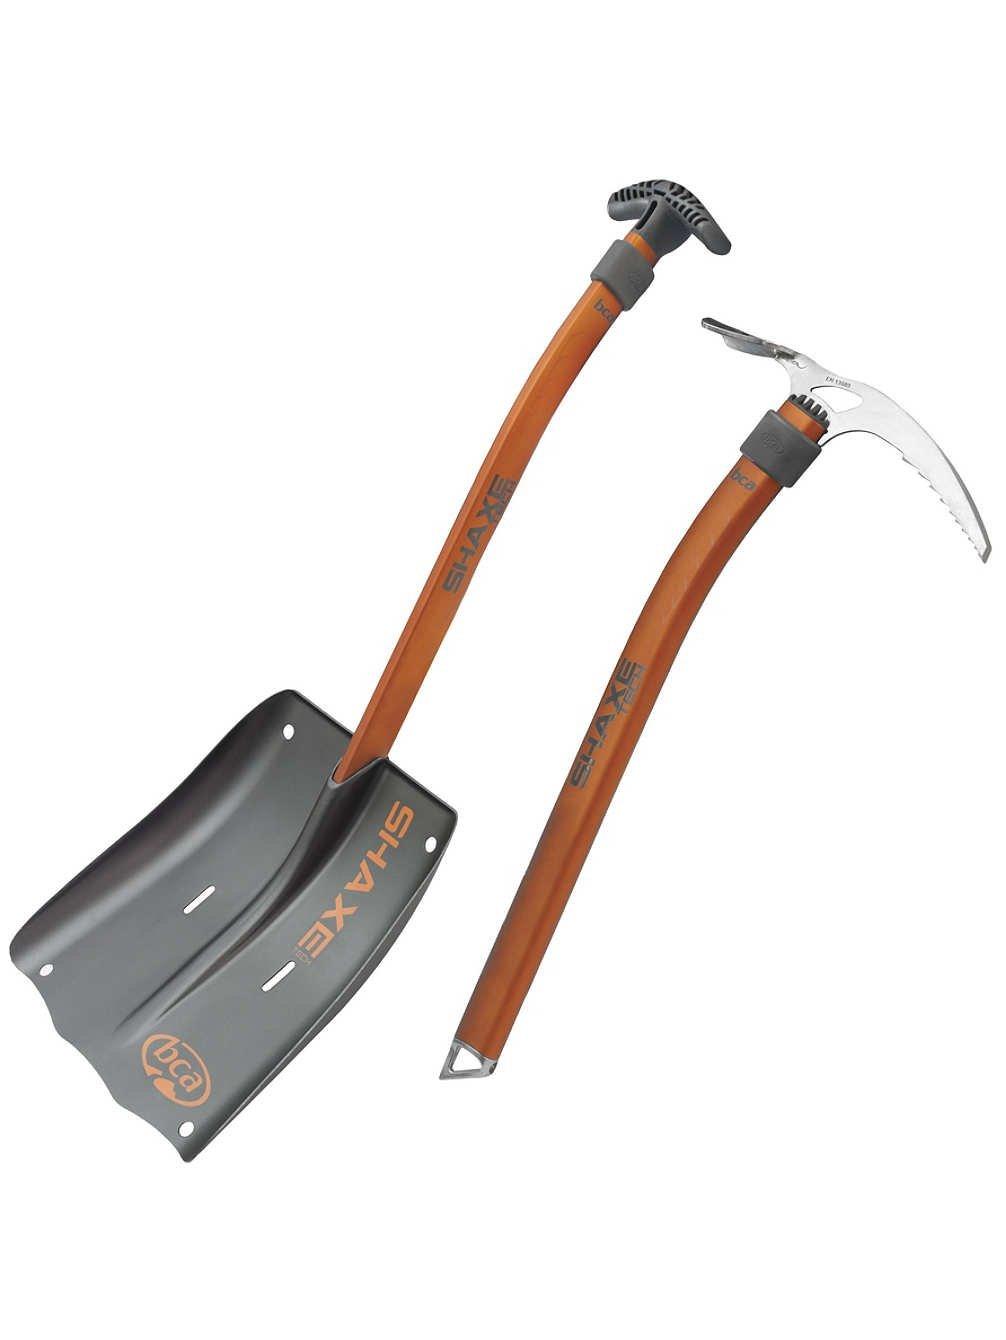 Bca Unisex Shaxe Tech Avalanche Snow Shovel BCAA6 #bca 23A6003.1.1.1SIZ